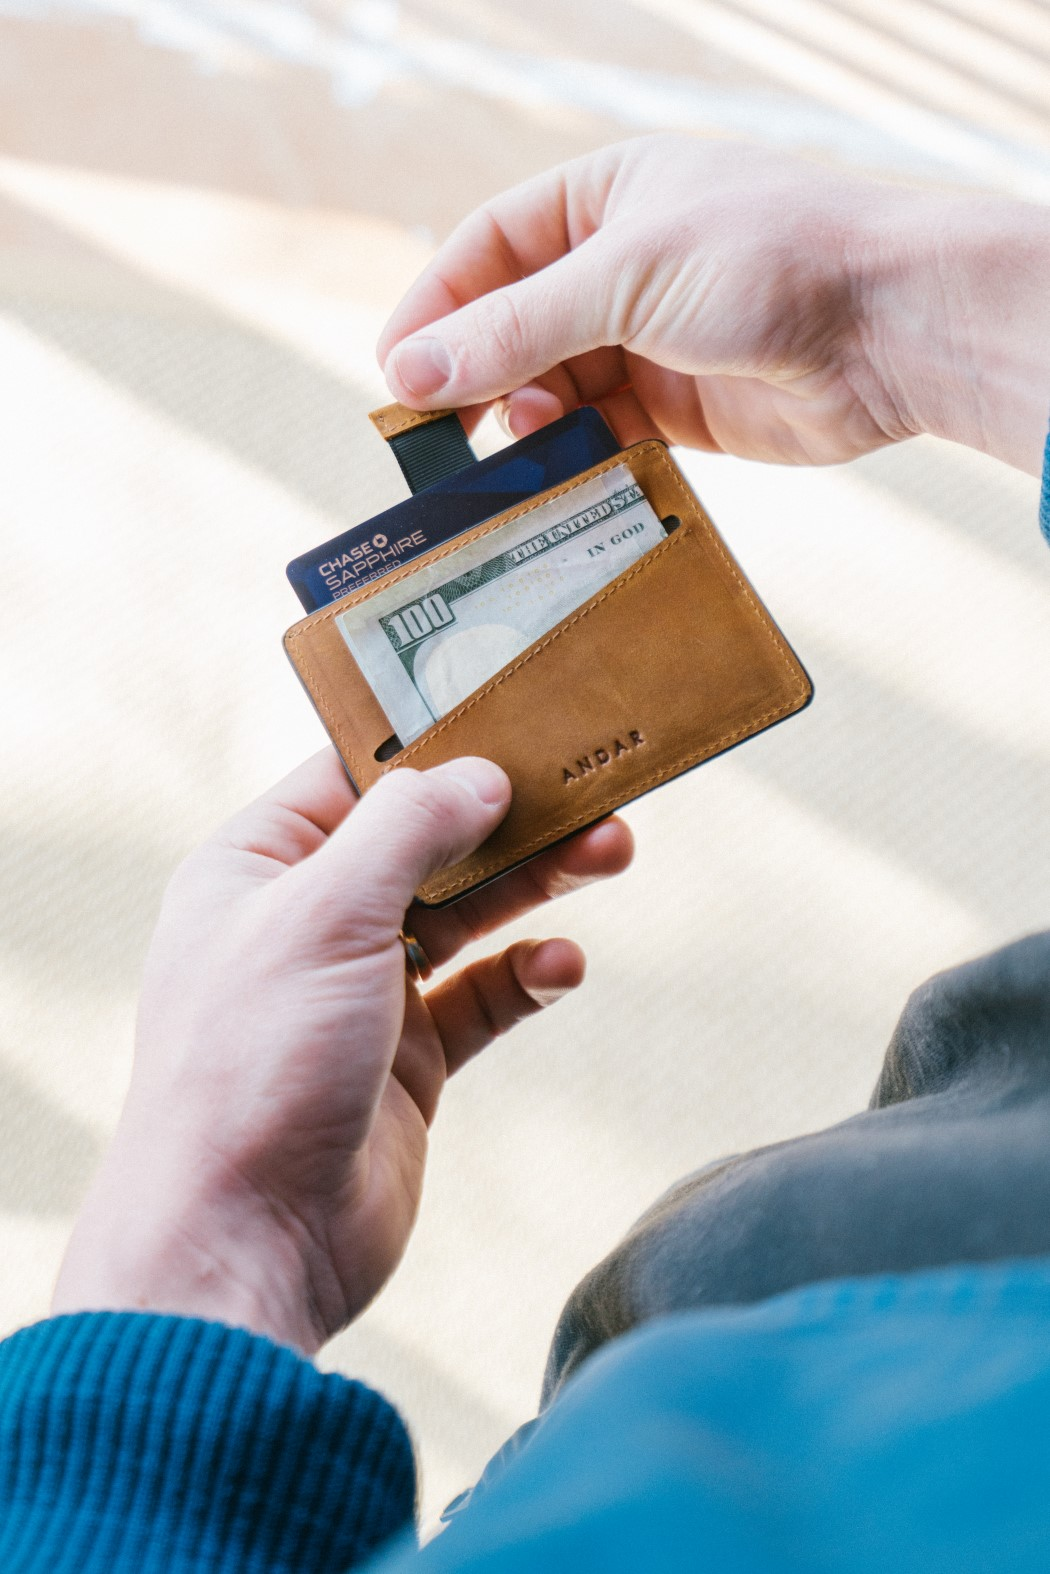 turner_wallet_5